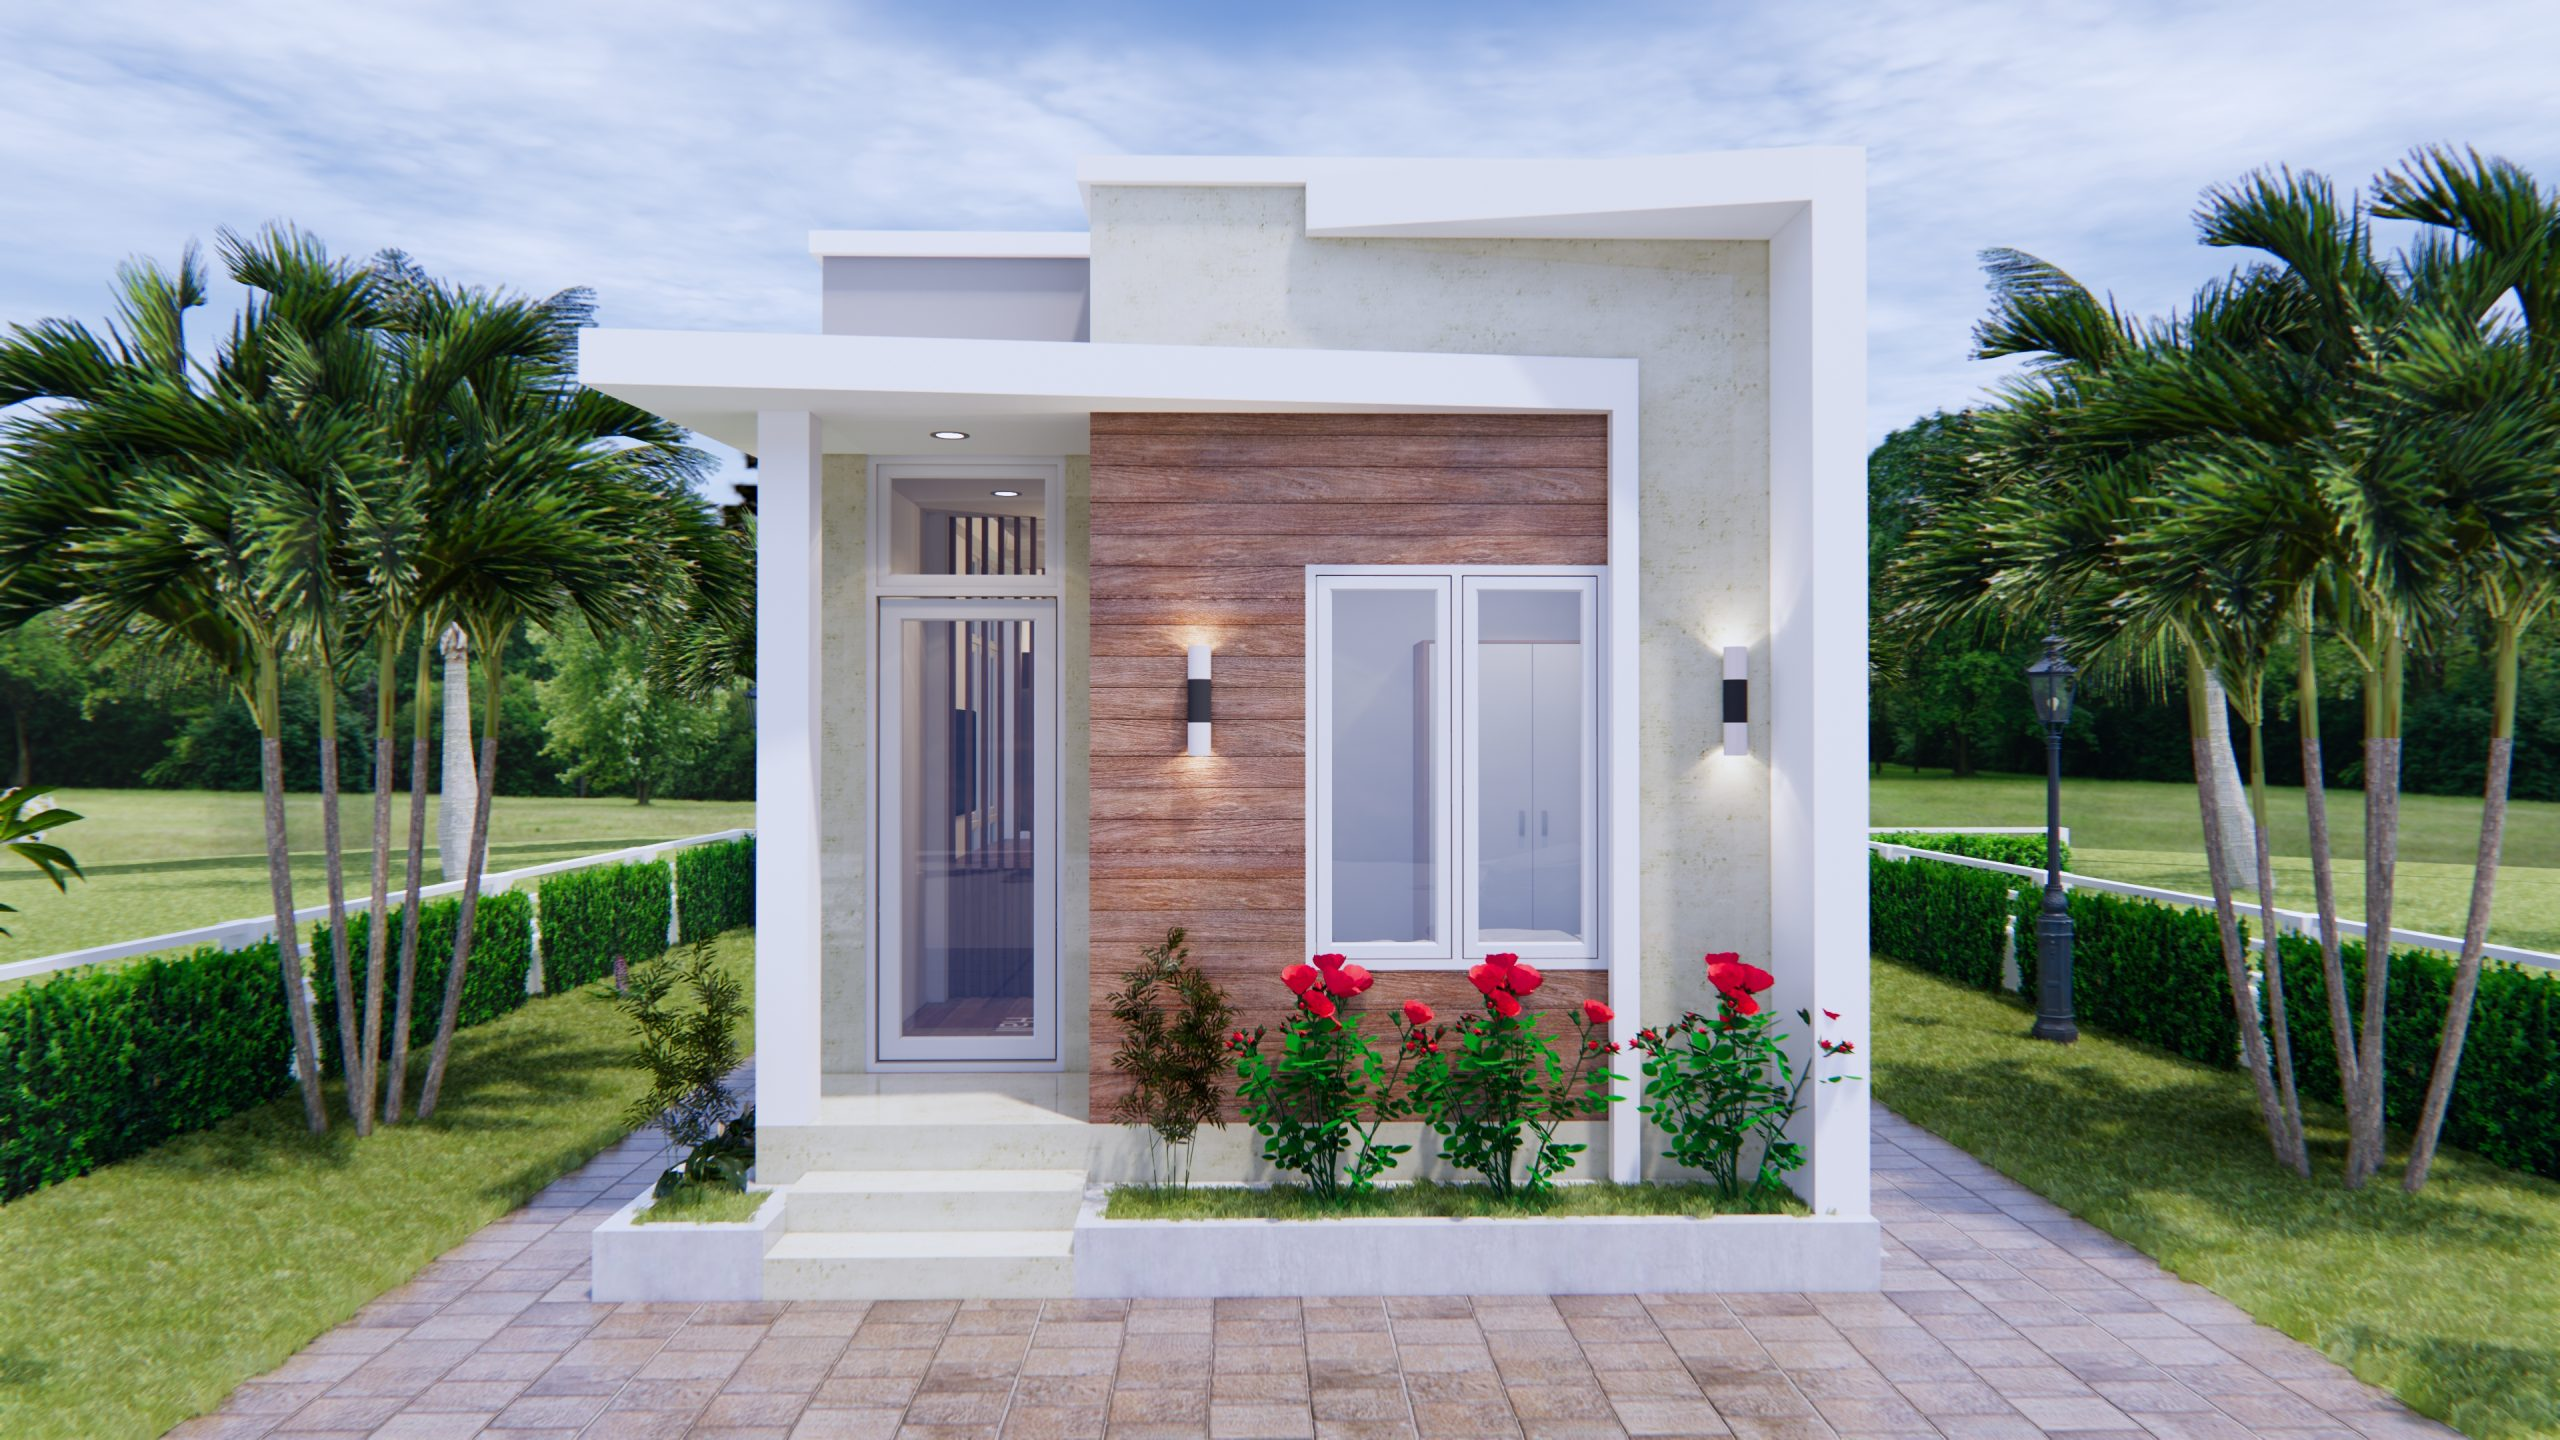 Modern Small House Design 44x9 Meter 13x30 Feet 2